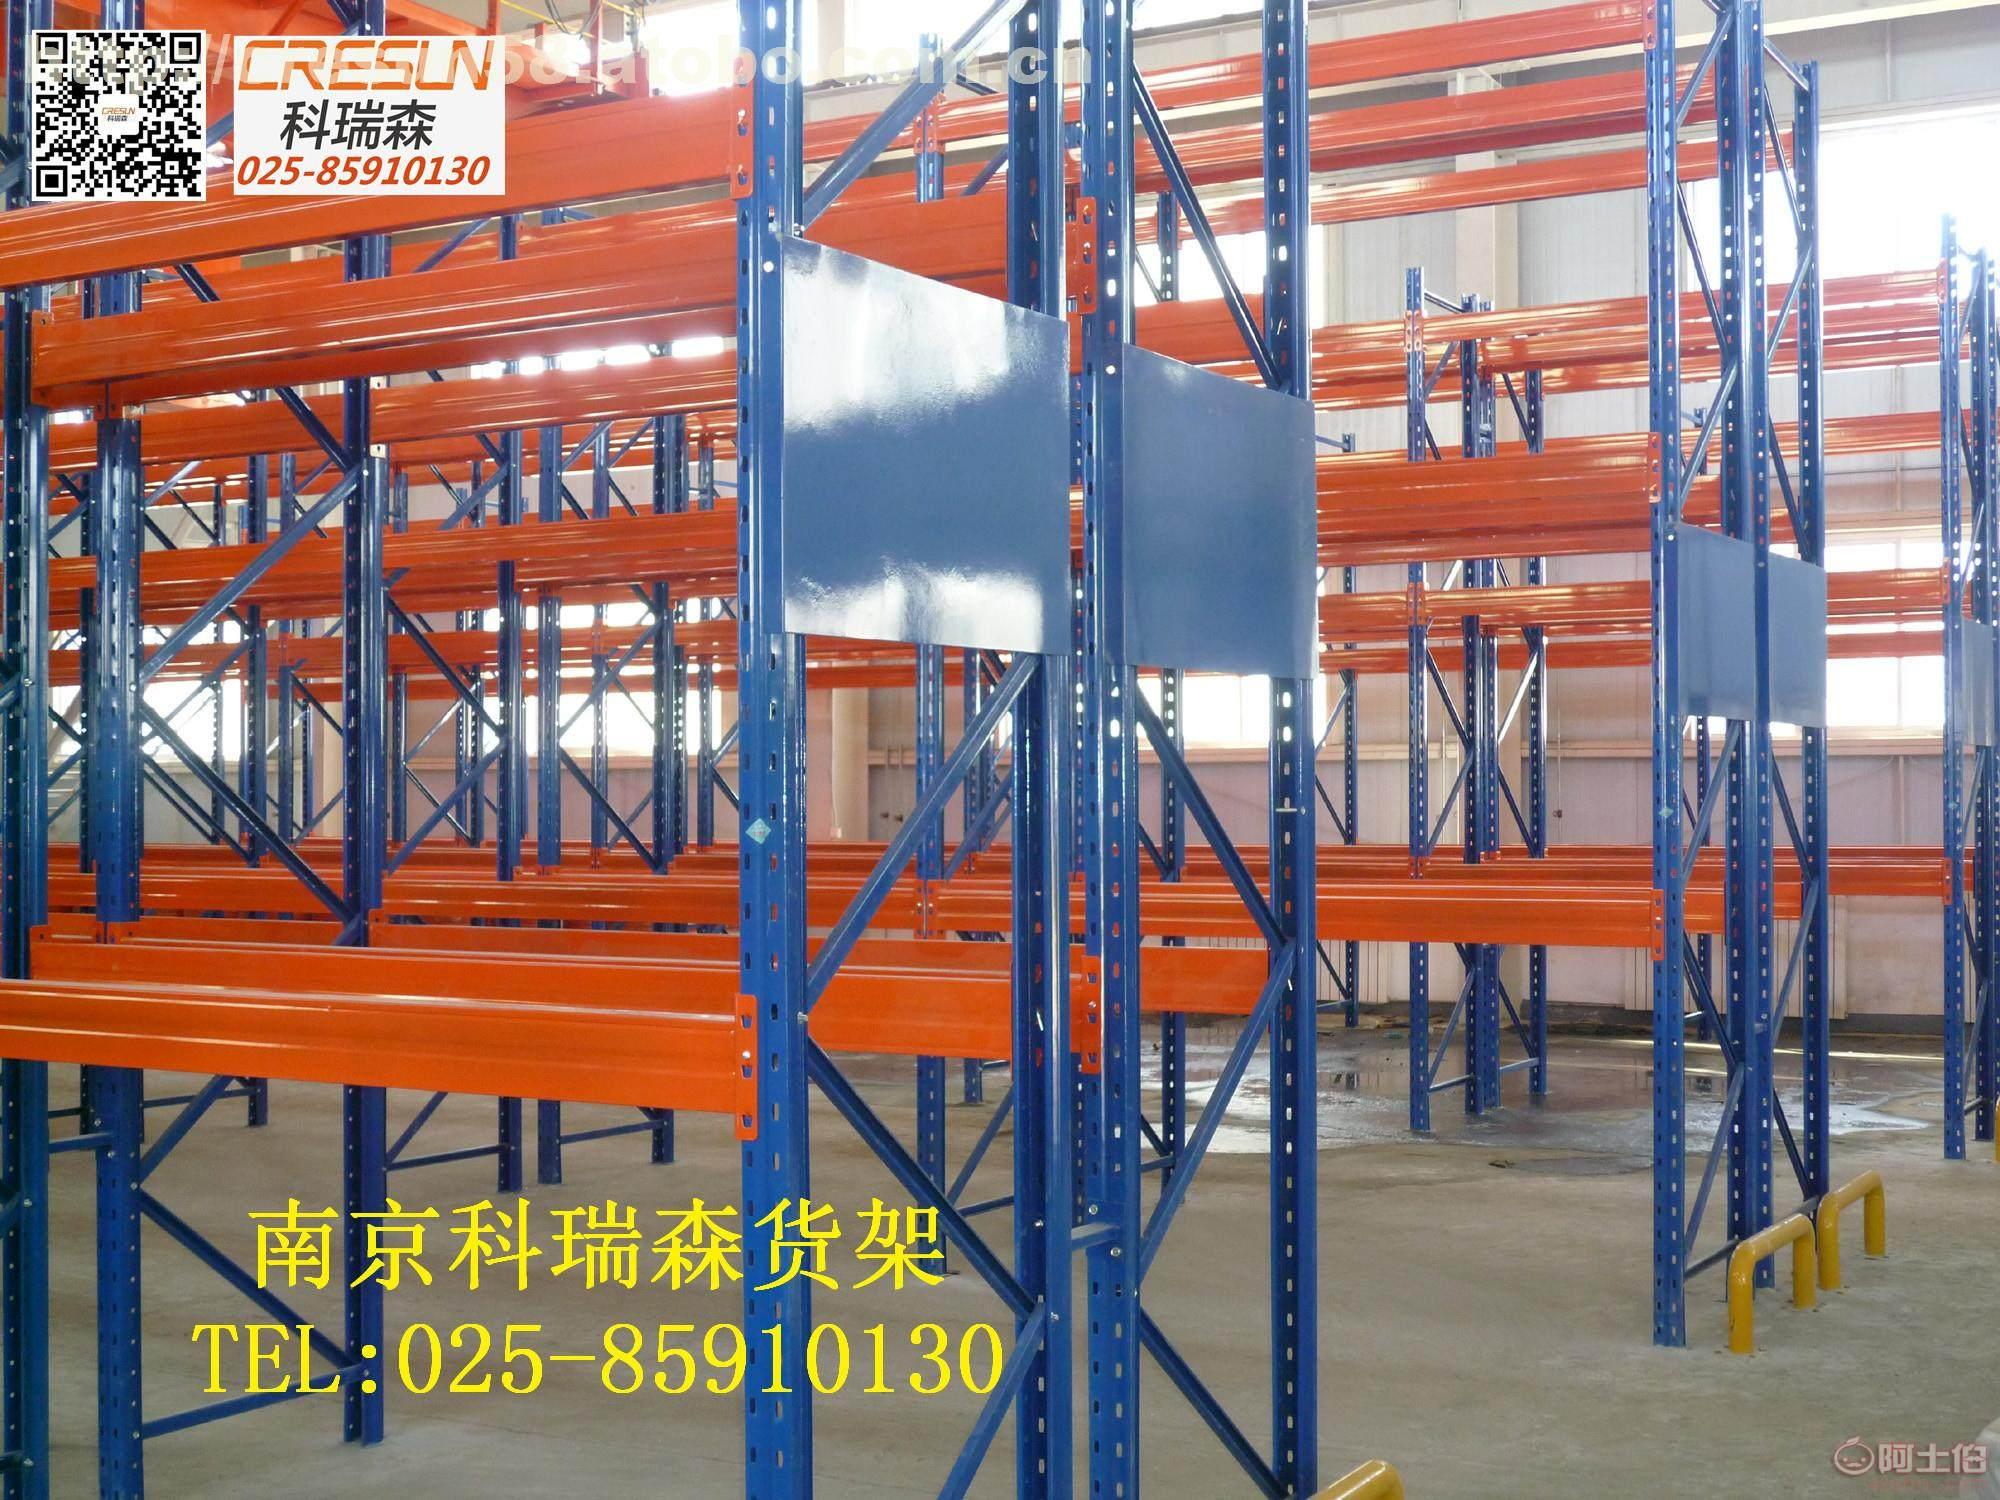 重型货架-科瑞森货架专业生产各种规格货架